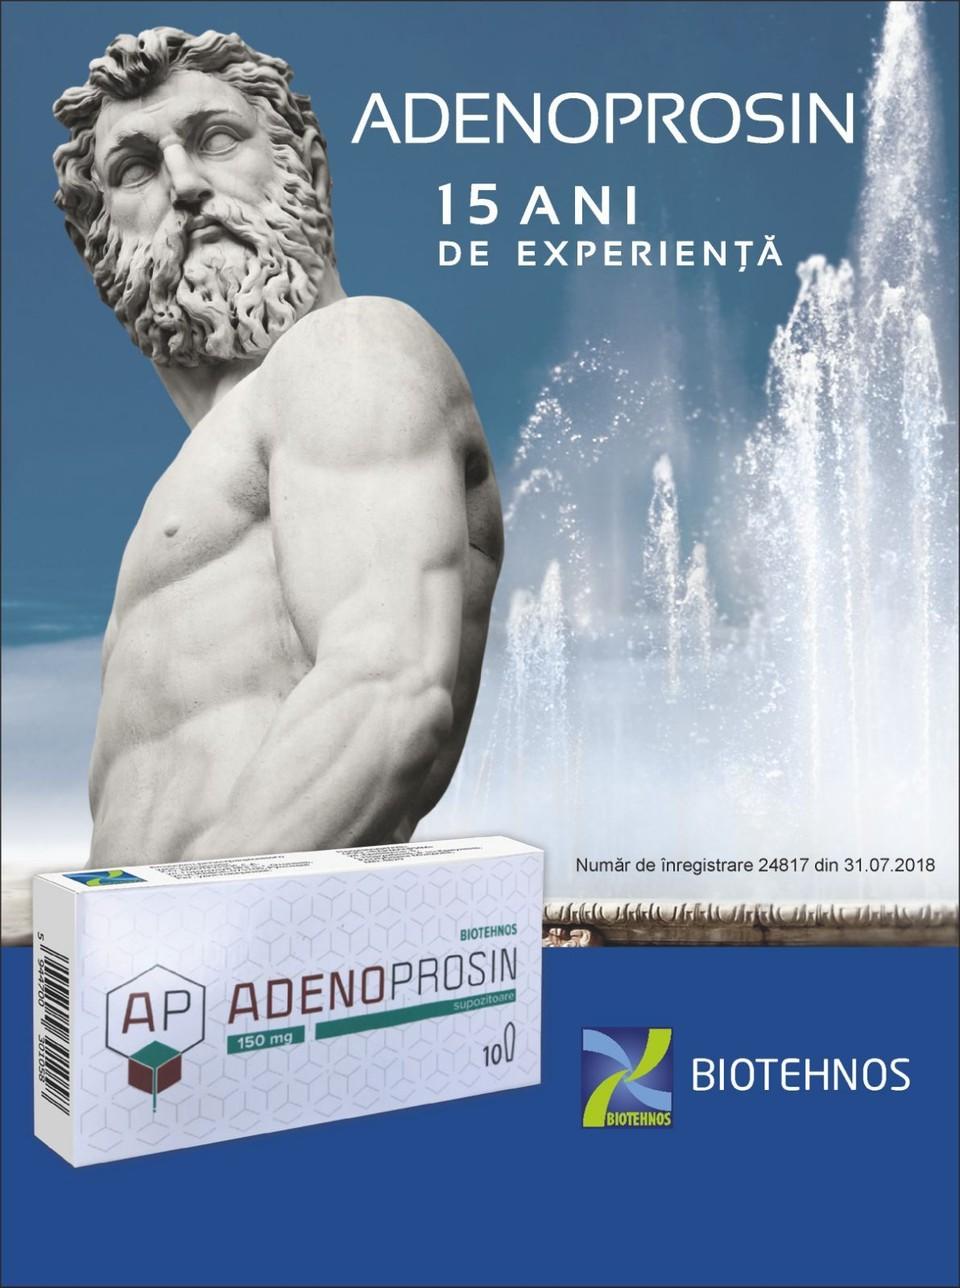 Натуральный препарат, который разработан так, чтобы активные вещества натурального происхождения усваивались организмом с высокой эффективностью – «Аденопросин 150 мг»